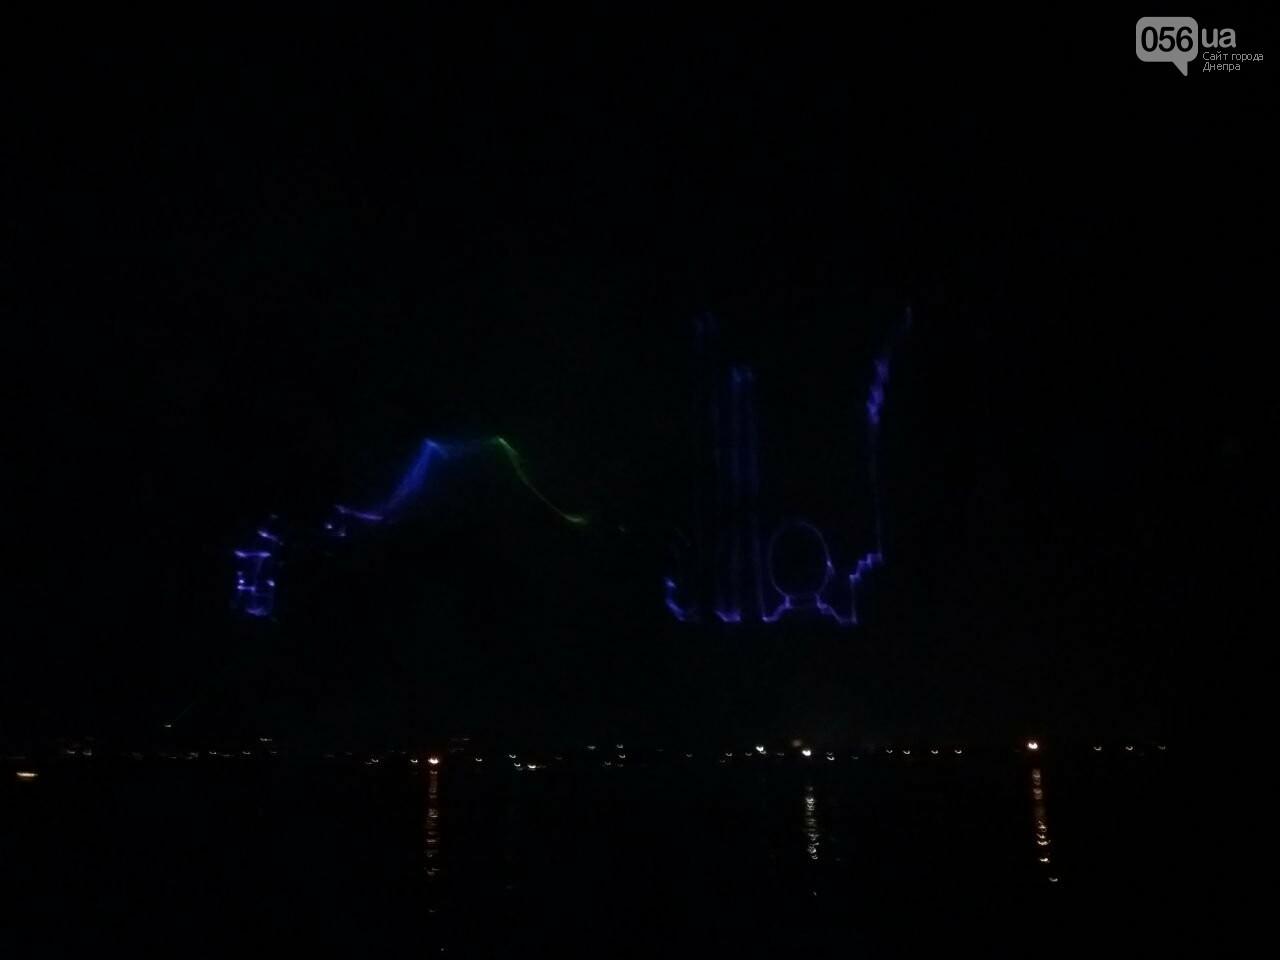 В Днепре возле Фестивального причала засветилась река, - ФОТО, ВИДЕО, фото-6